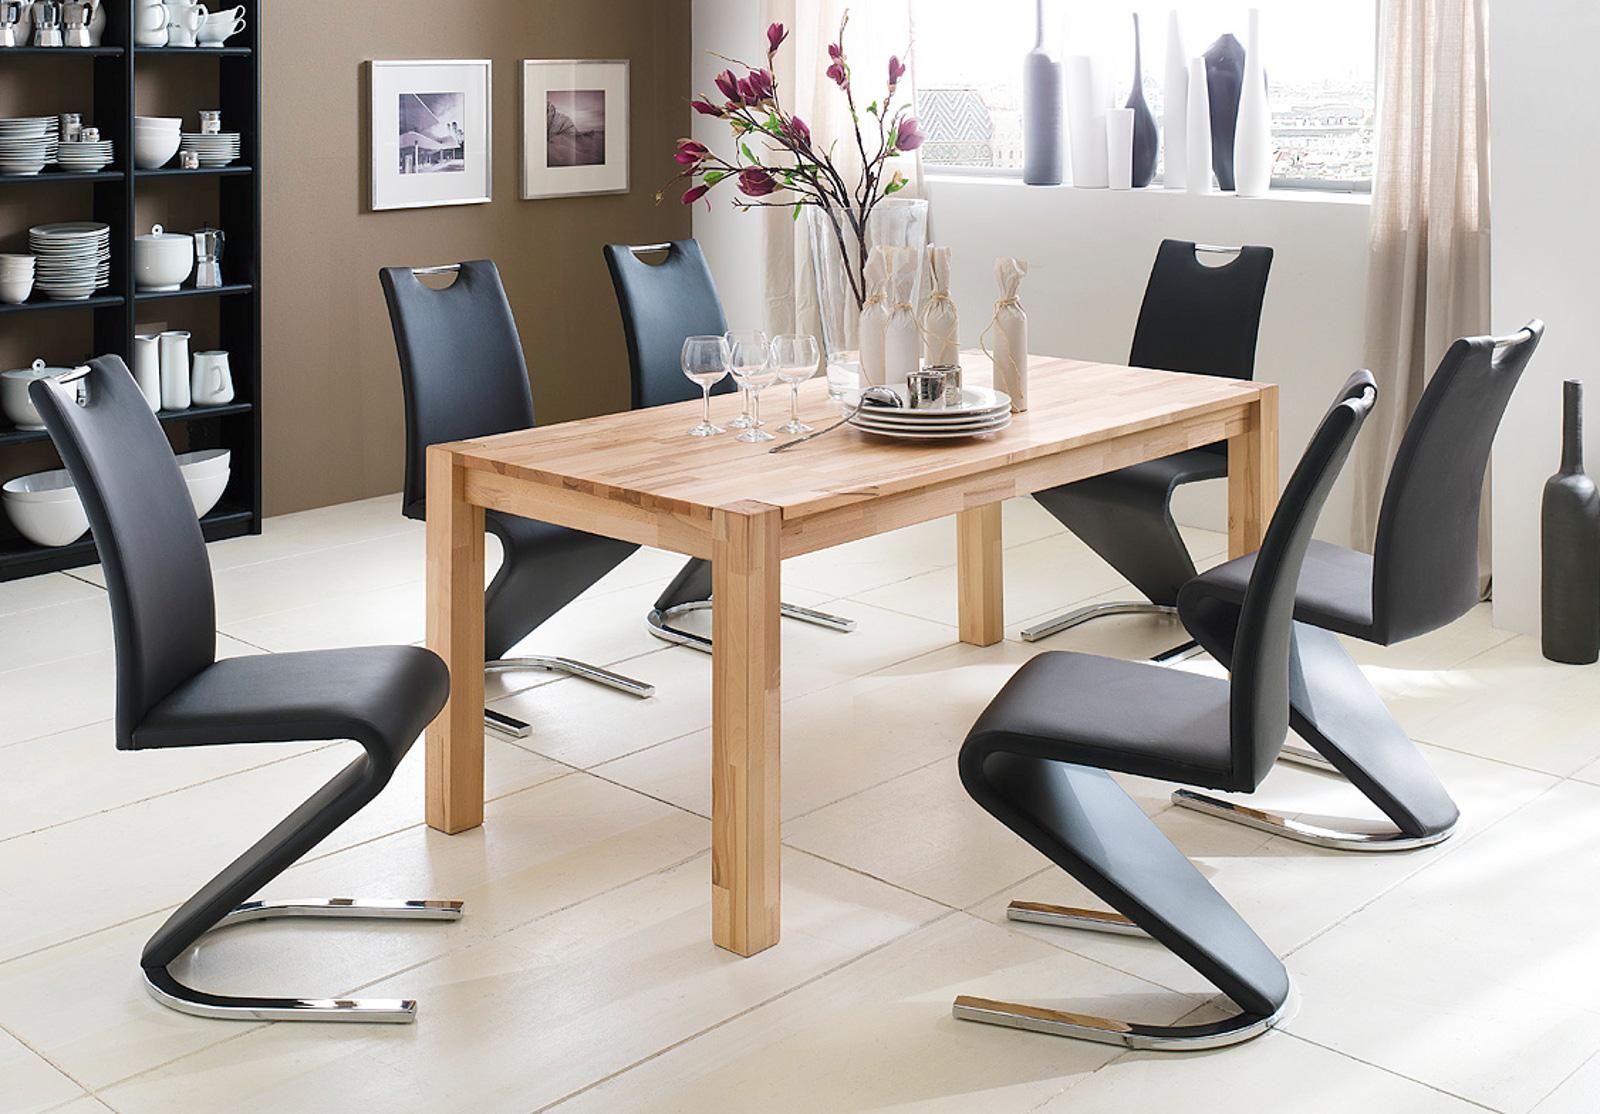 Tischgruppe massivholz kernbuche ge2501 10 for Kernbuche tisch